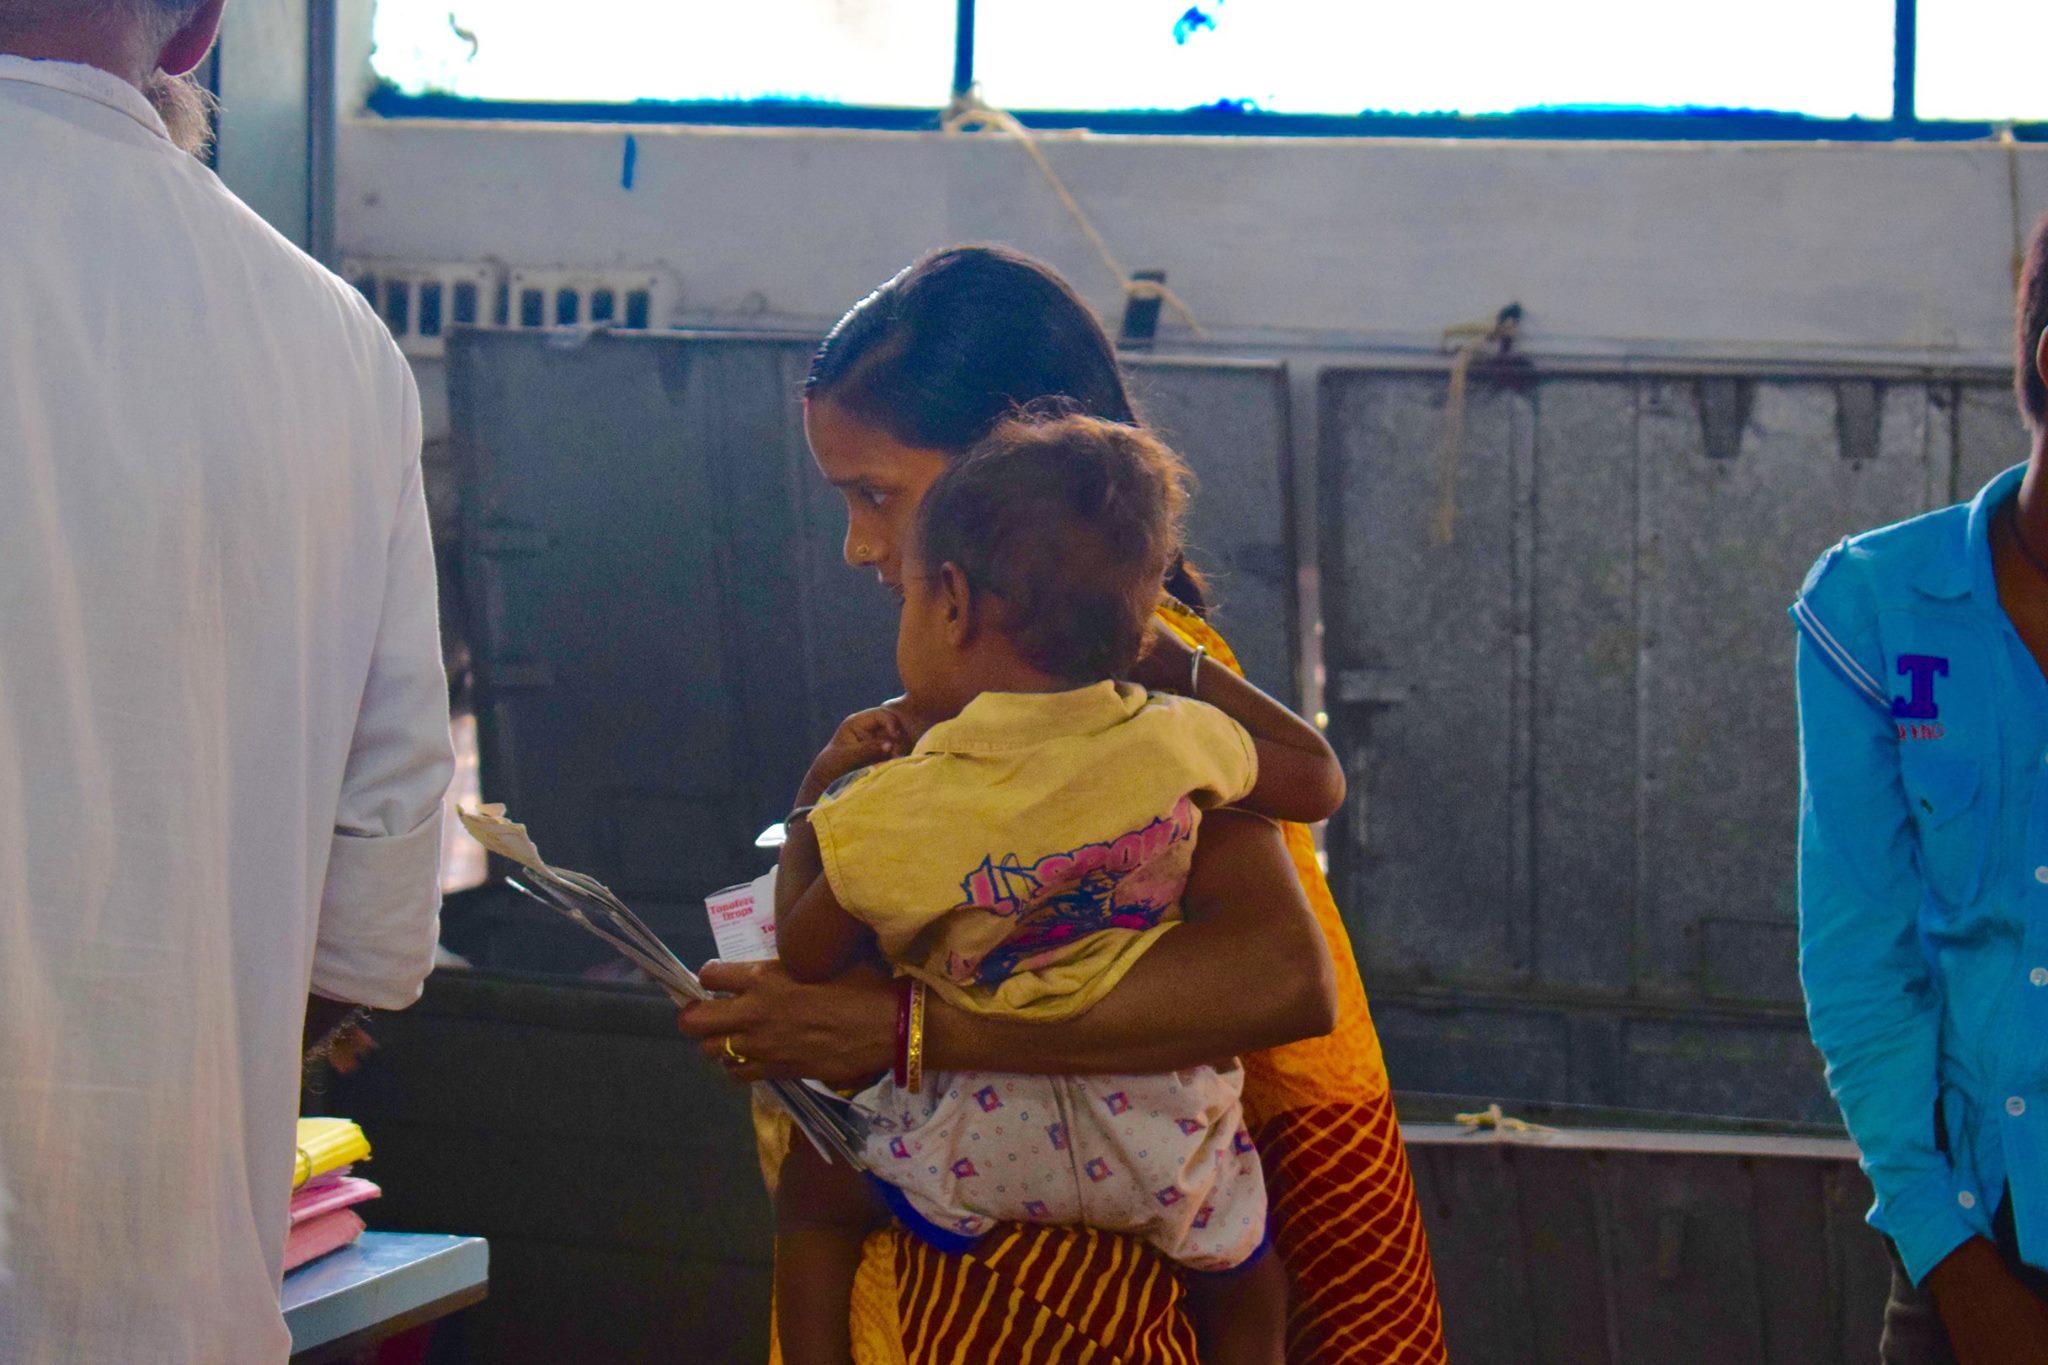 Eine Mutter besucht mit ihrem Kleinkind die Talapark-Klinik.